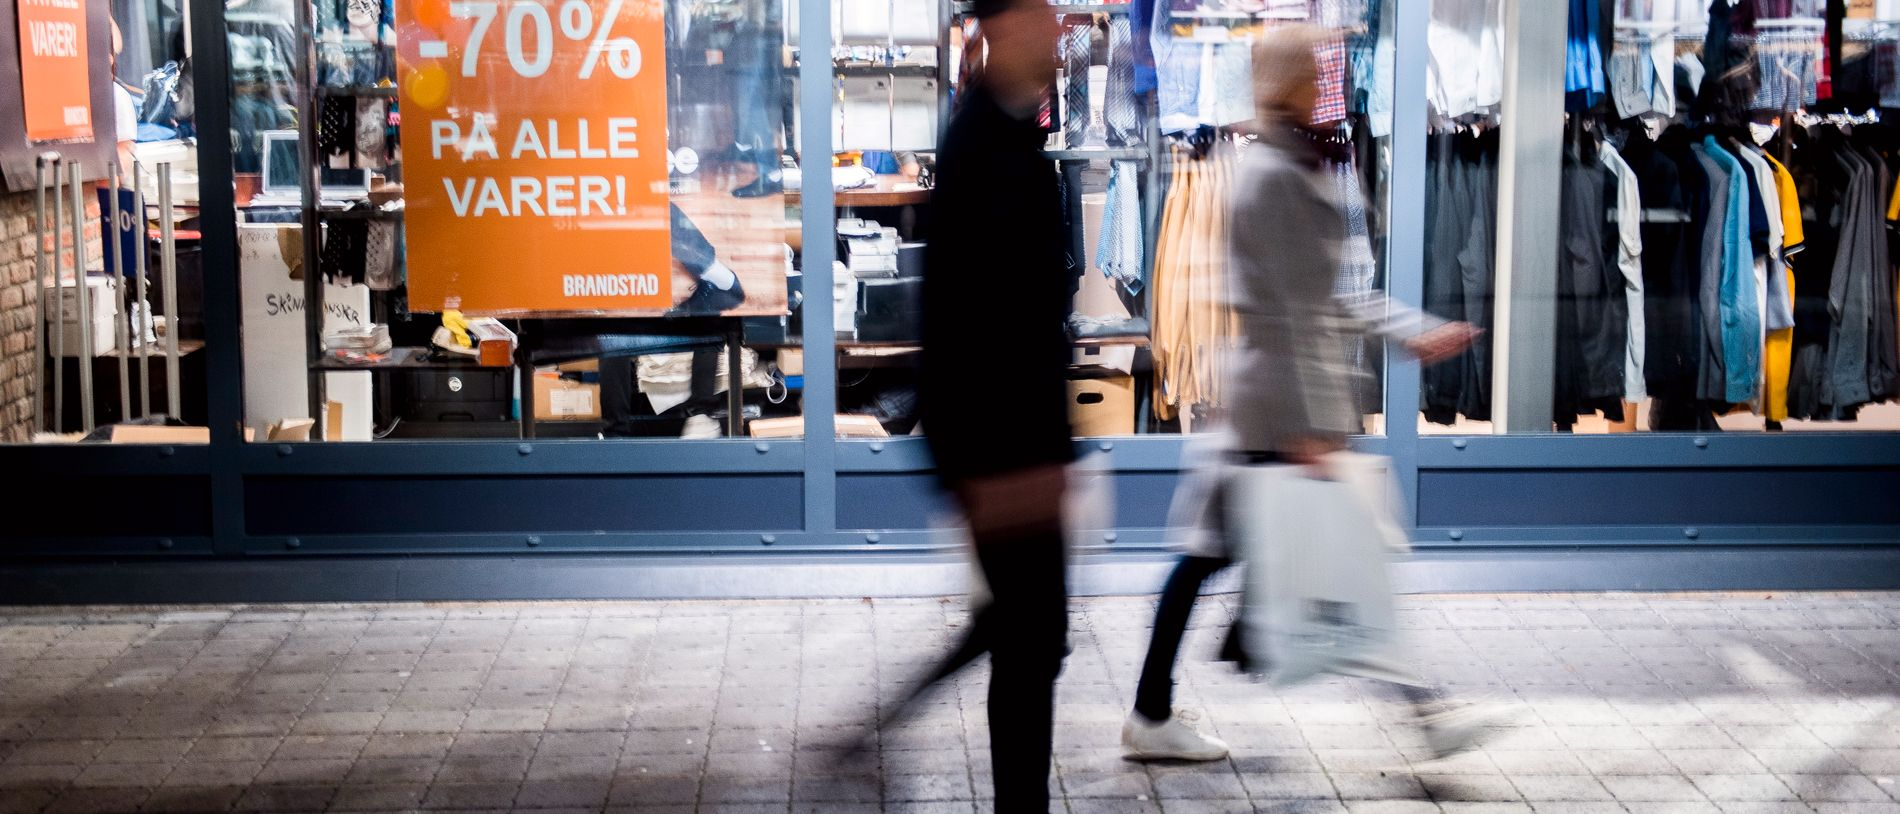 Kriseår for skobutikkene: – Bommer du nå, så sliter du – E24